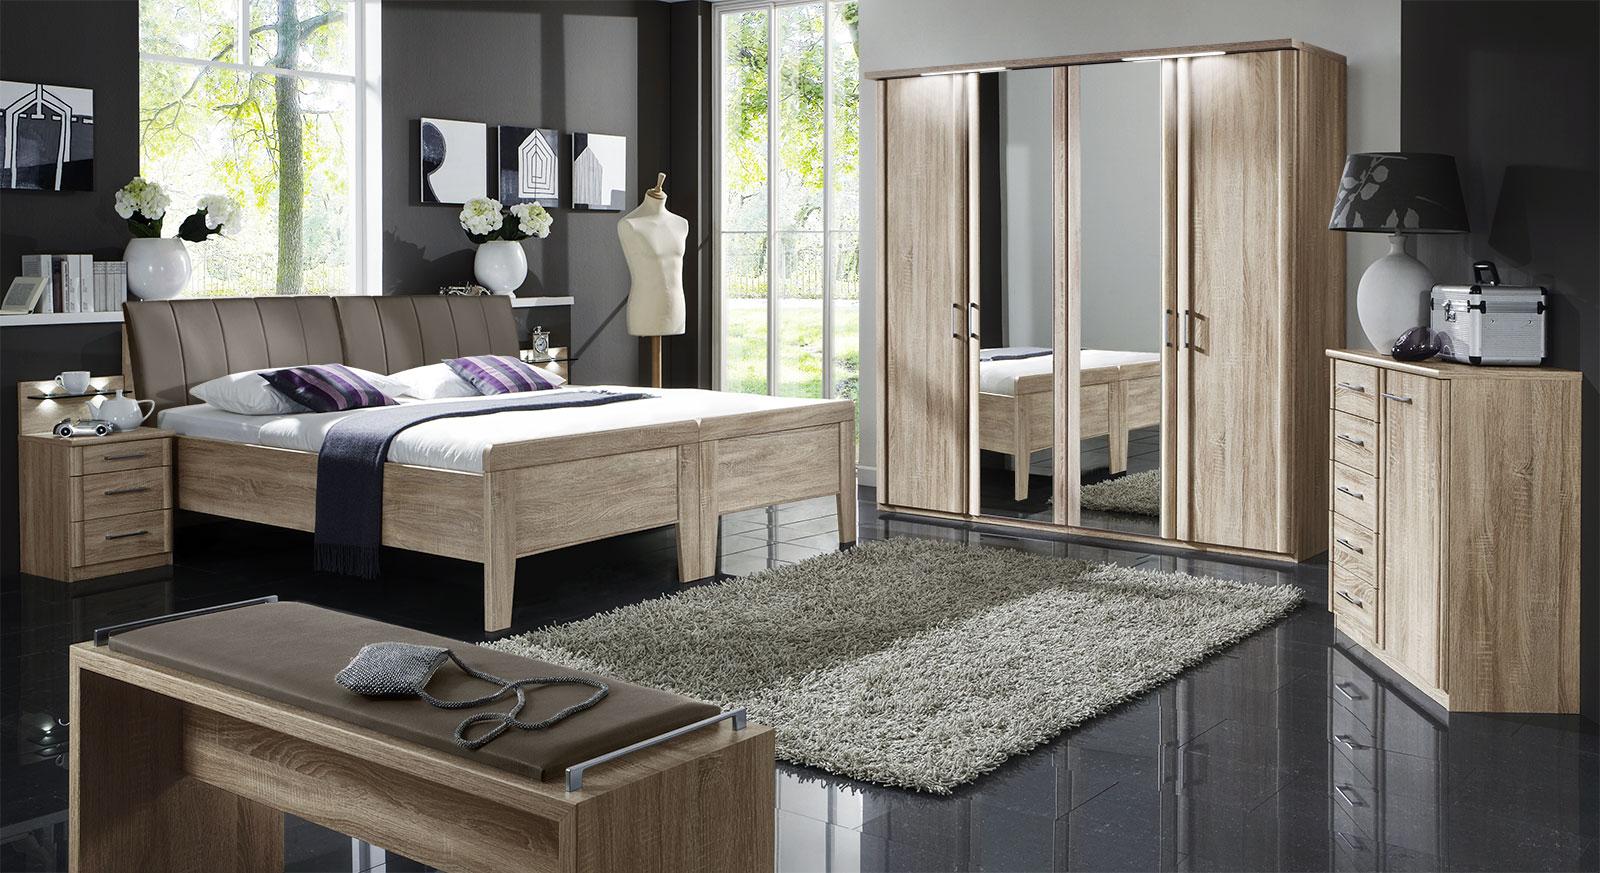 komplett schlafzimmer runcorn in eiche s gerau. Black Bedroom Furniture Sets. Home Design Ideas